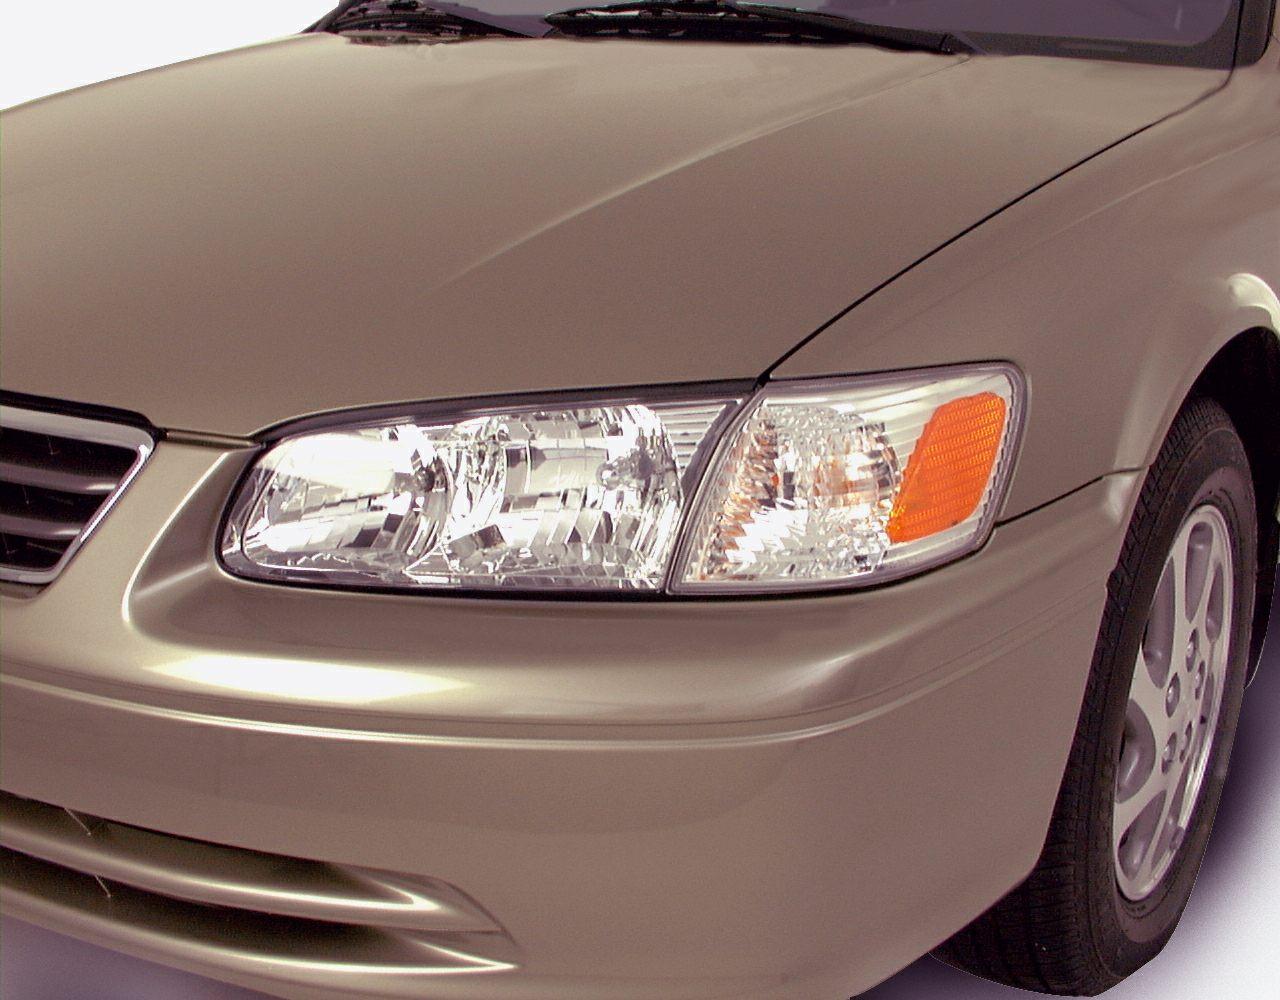 2000 toyota camry xle v6 4dr sedan pictures. Black Bedroom Furniture Sets. Home Design Ideas